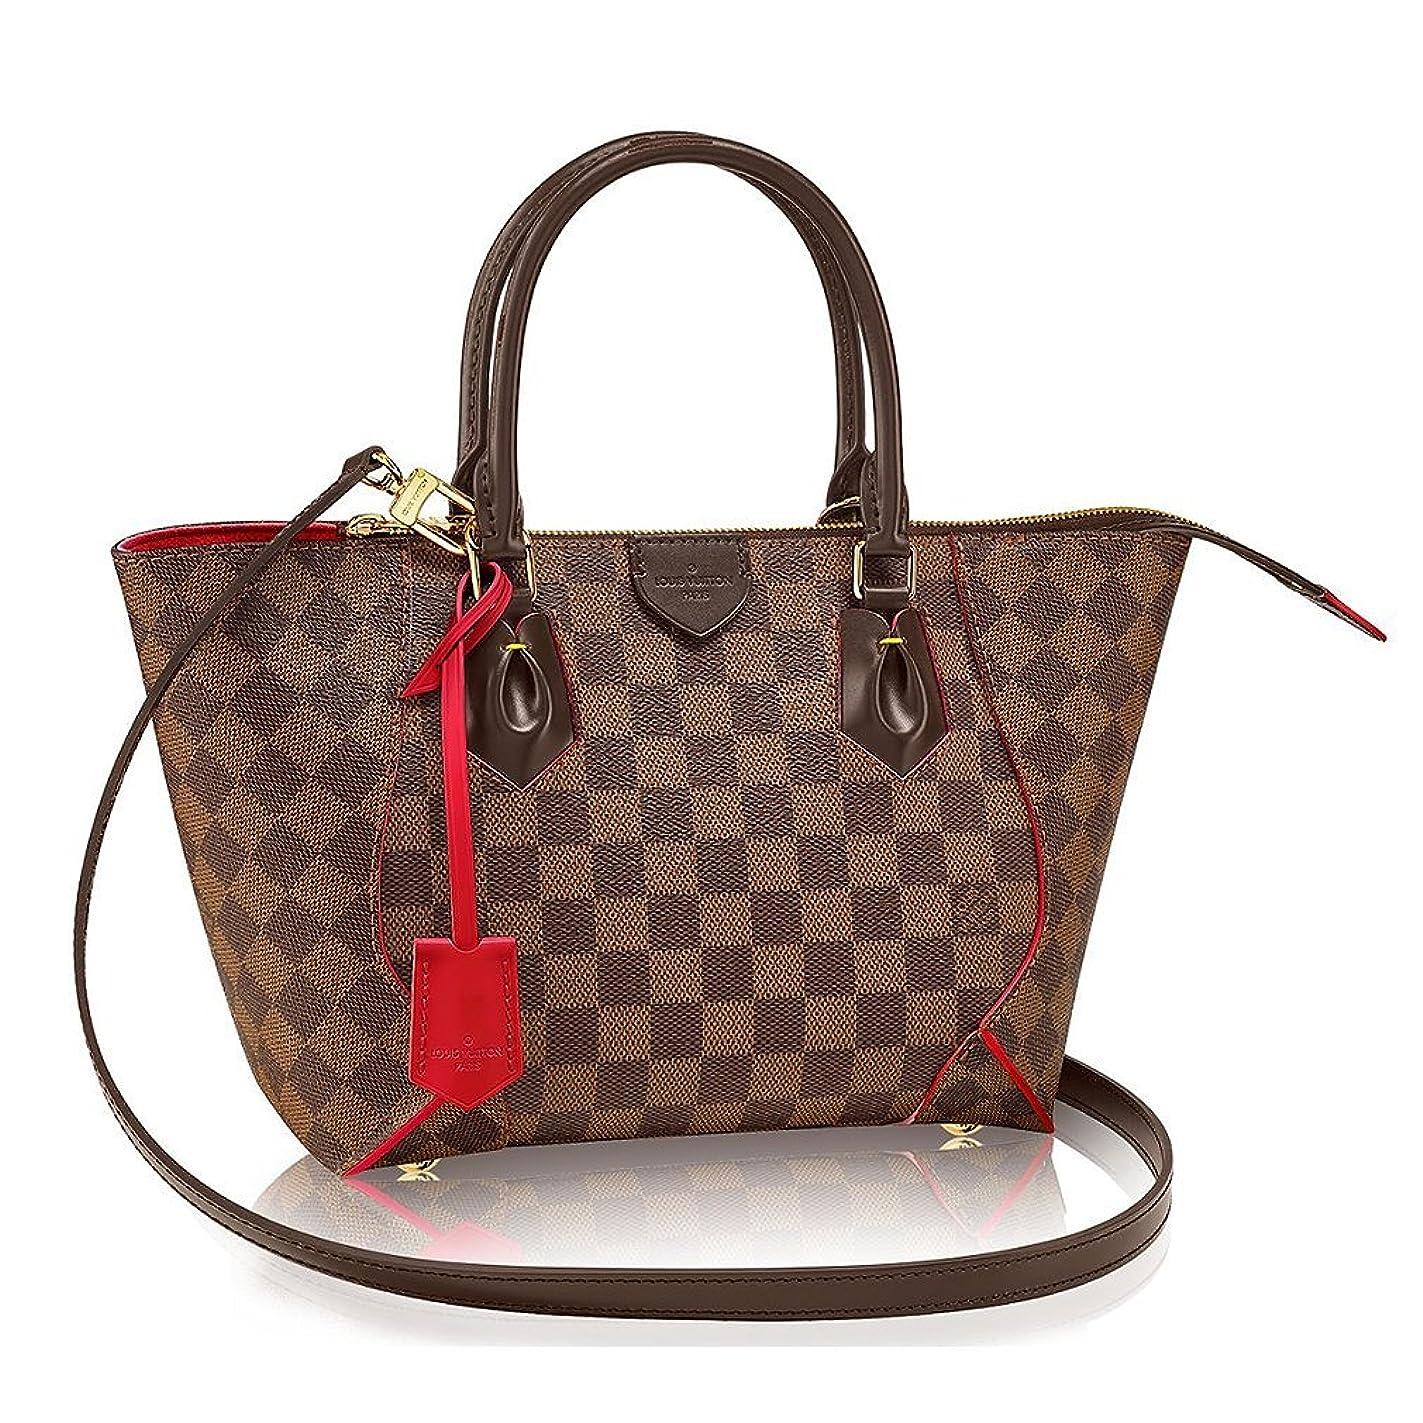 それぞれ馬力混乱Authentic Louis Vuitton Damier CaissaトートPMハンドバッグArticle : n41551チェリーMade in France